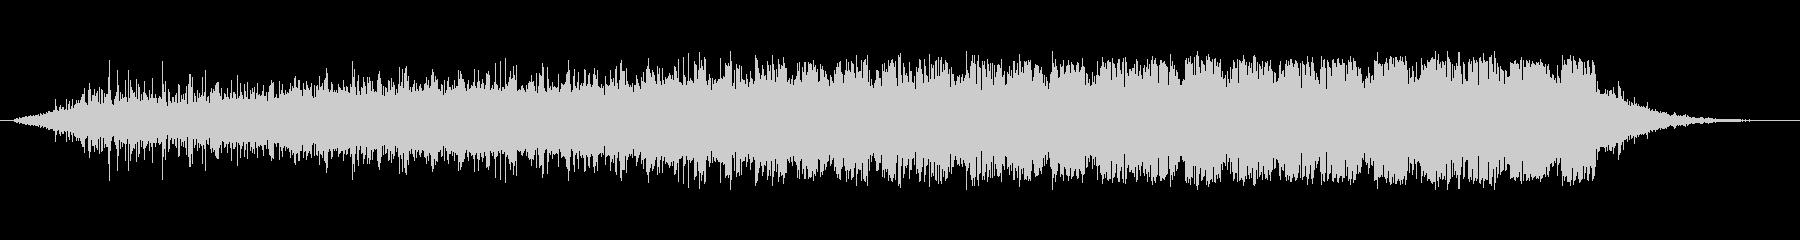 ノイズ ランダムノイズトーン03の未再生の波形